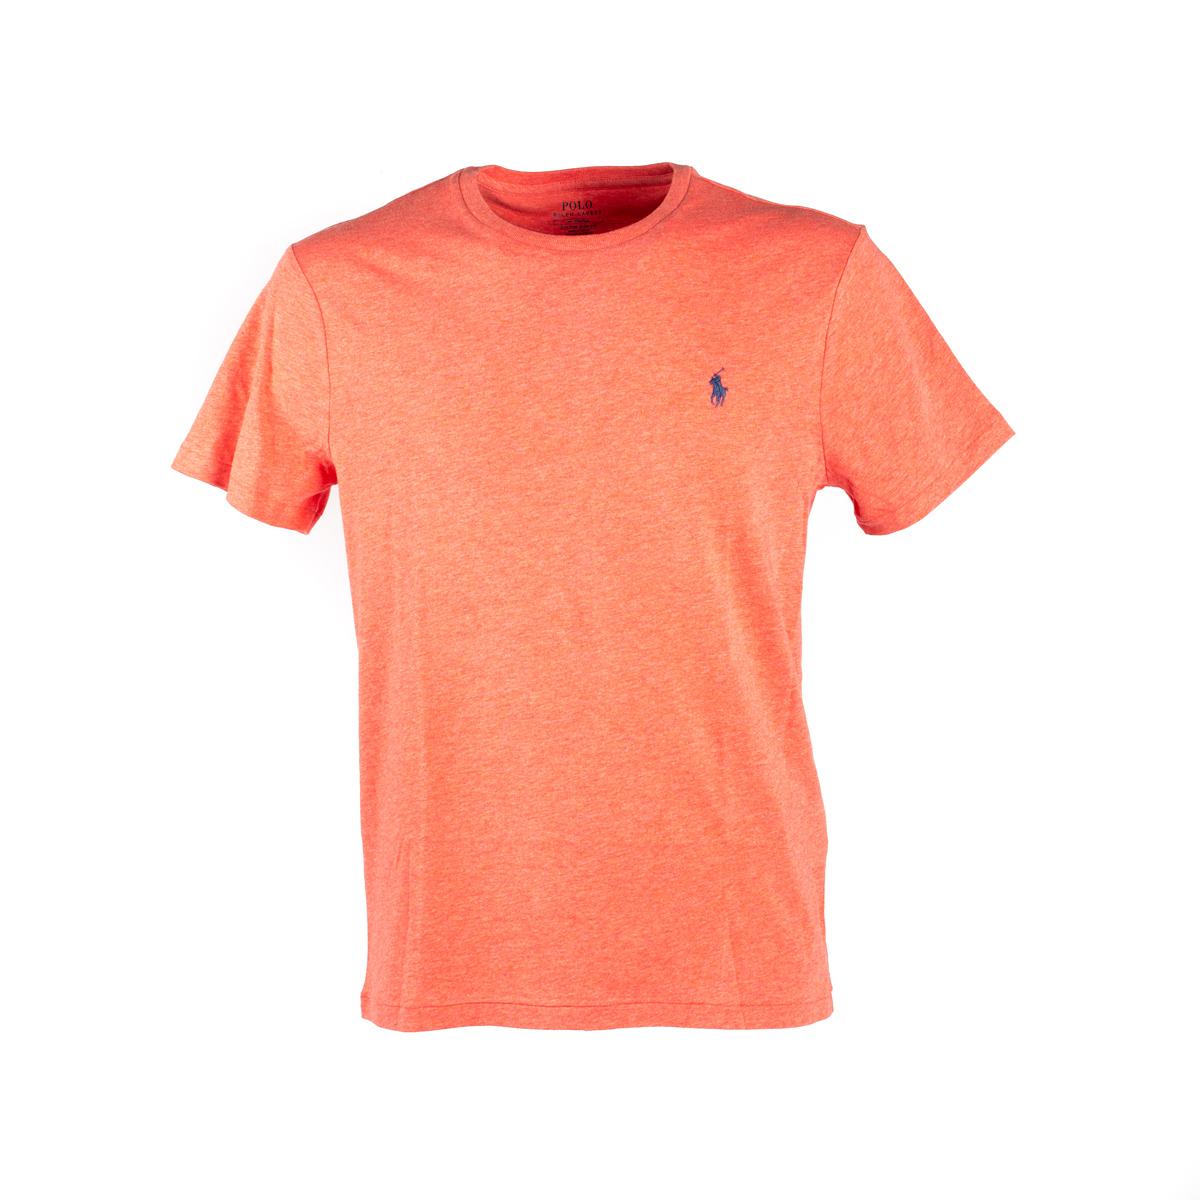 T-Shirt Manica Corta Polo Ralph Lauren Corallo